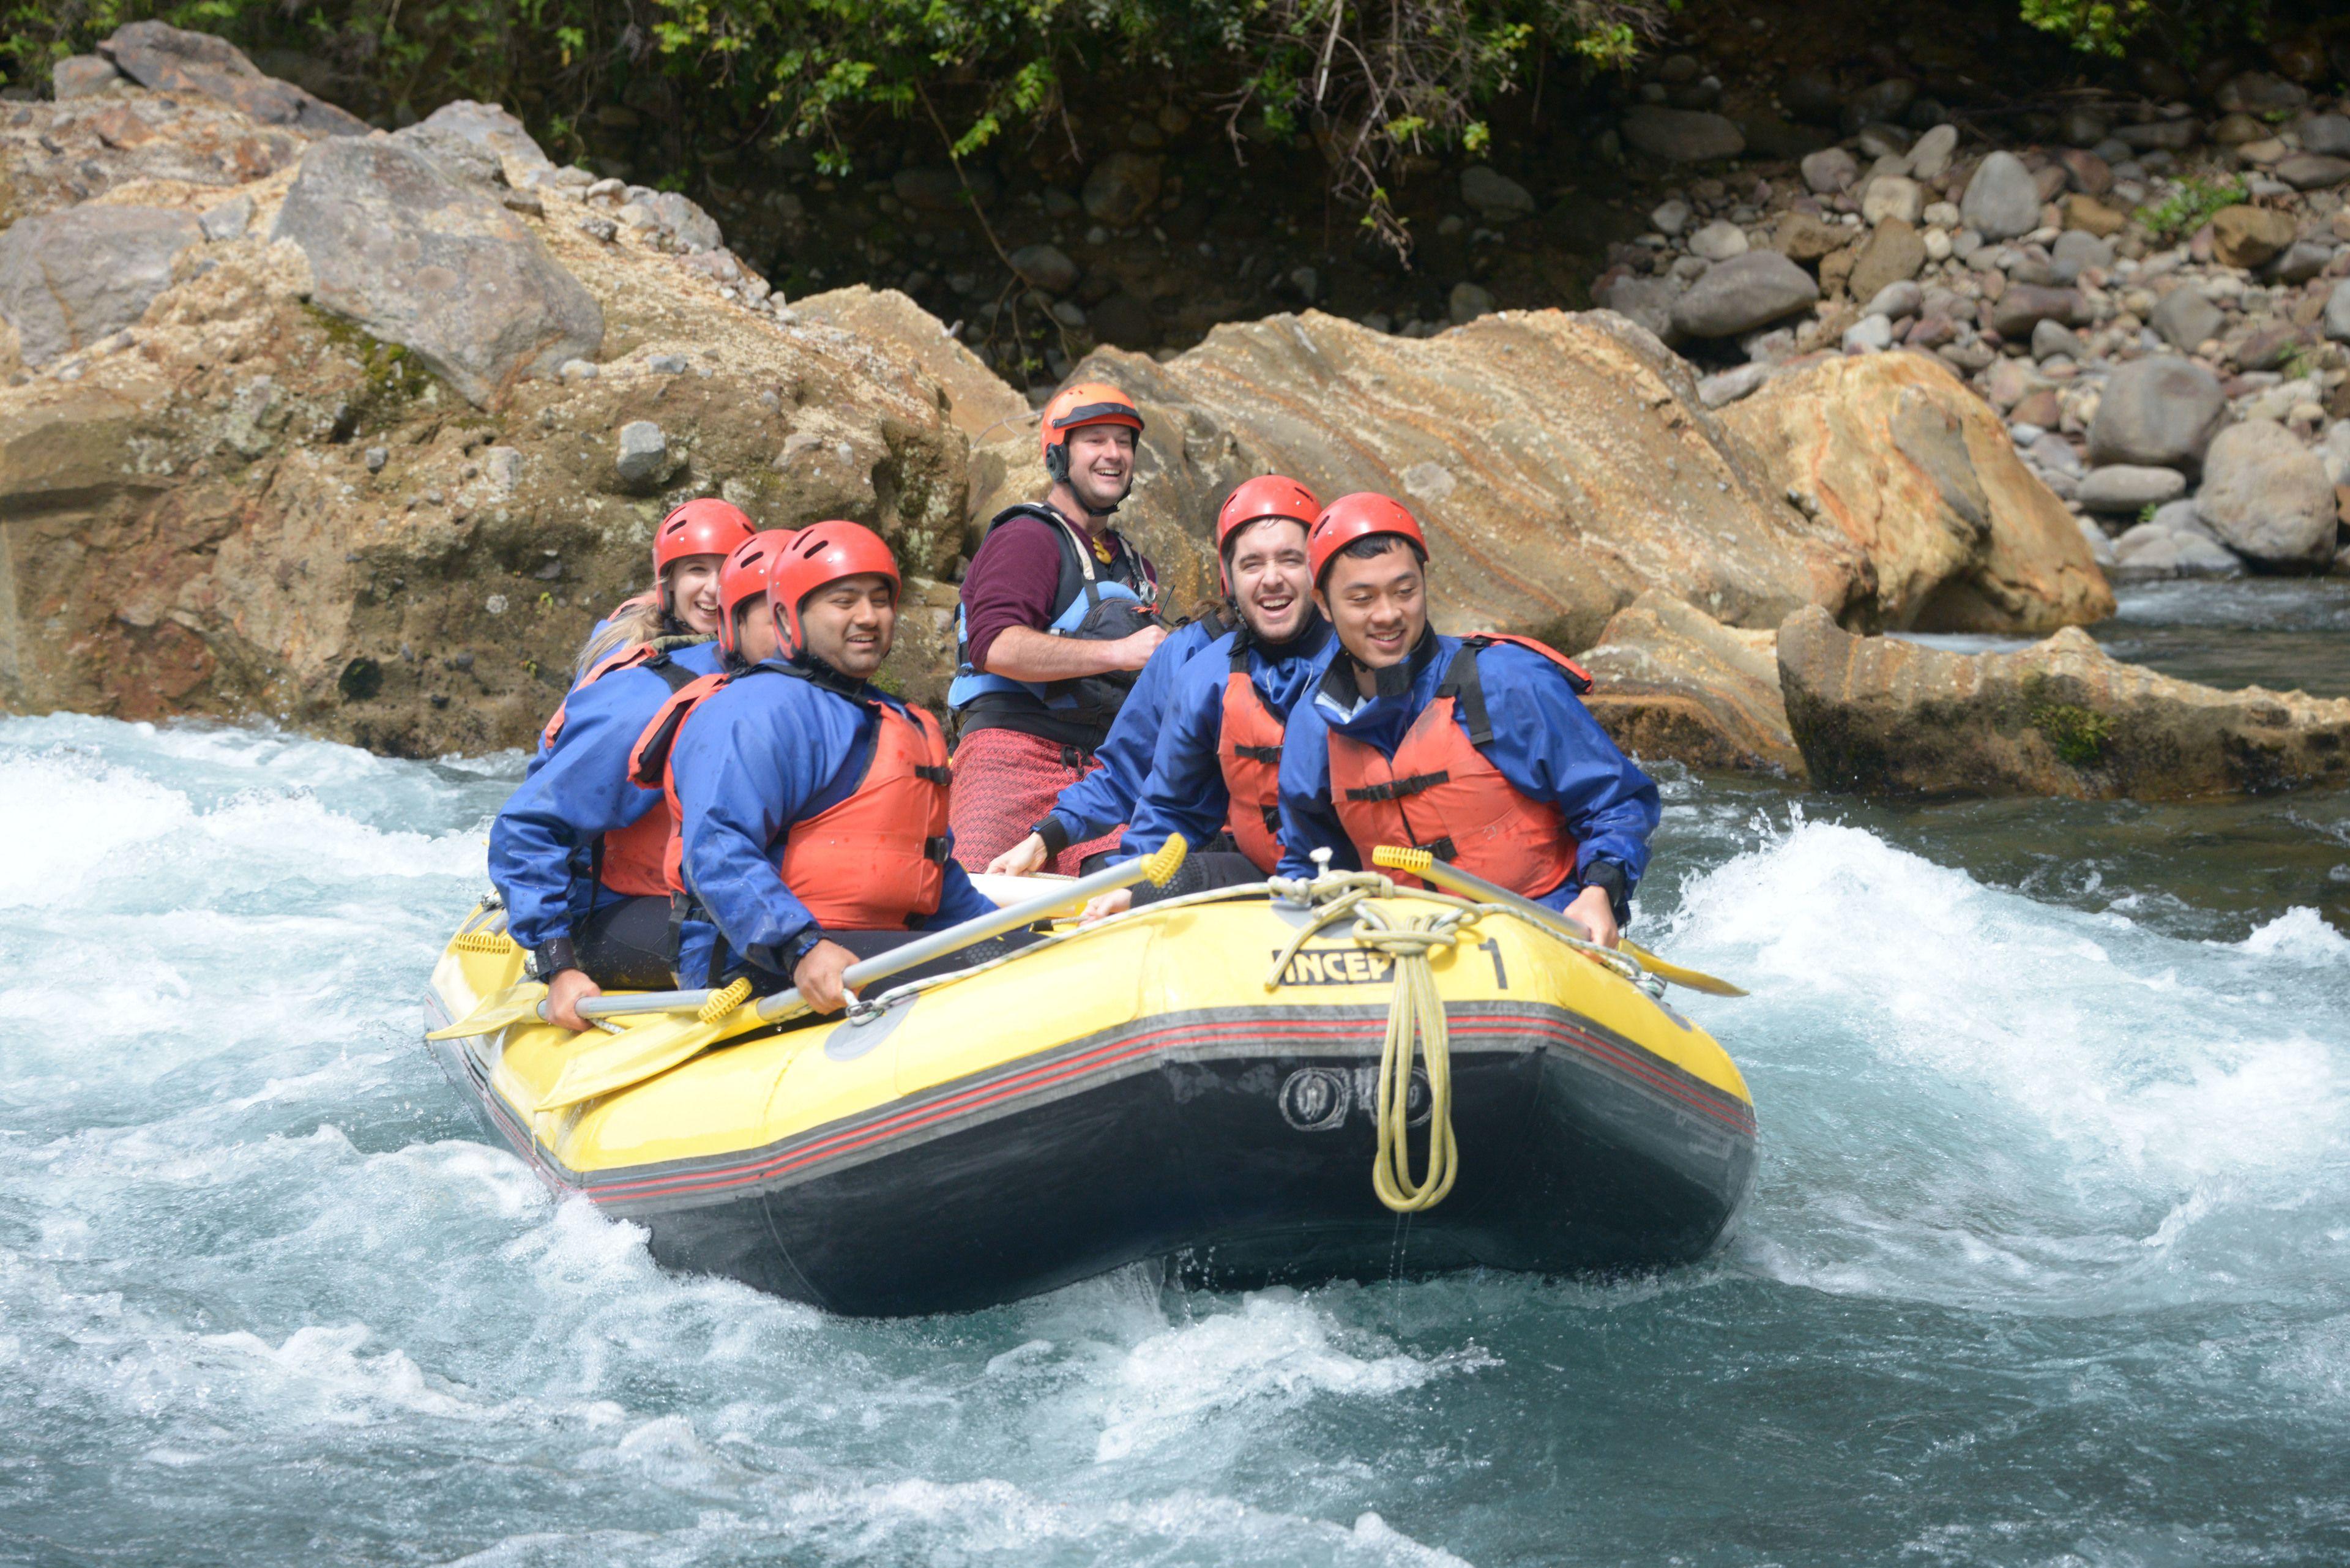 Tongariro River Grade 3 Whitewater Rafting